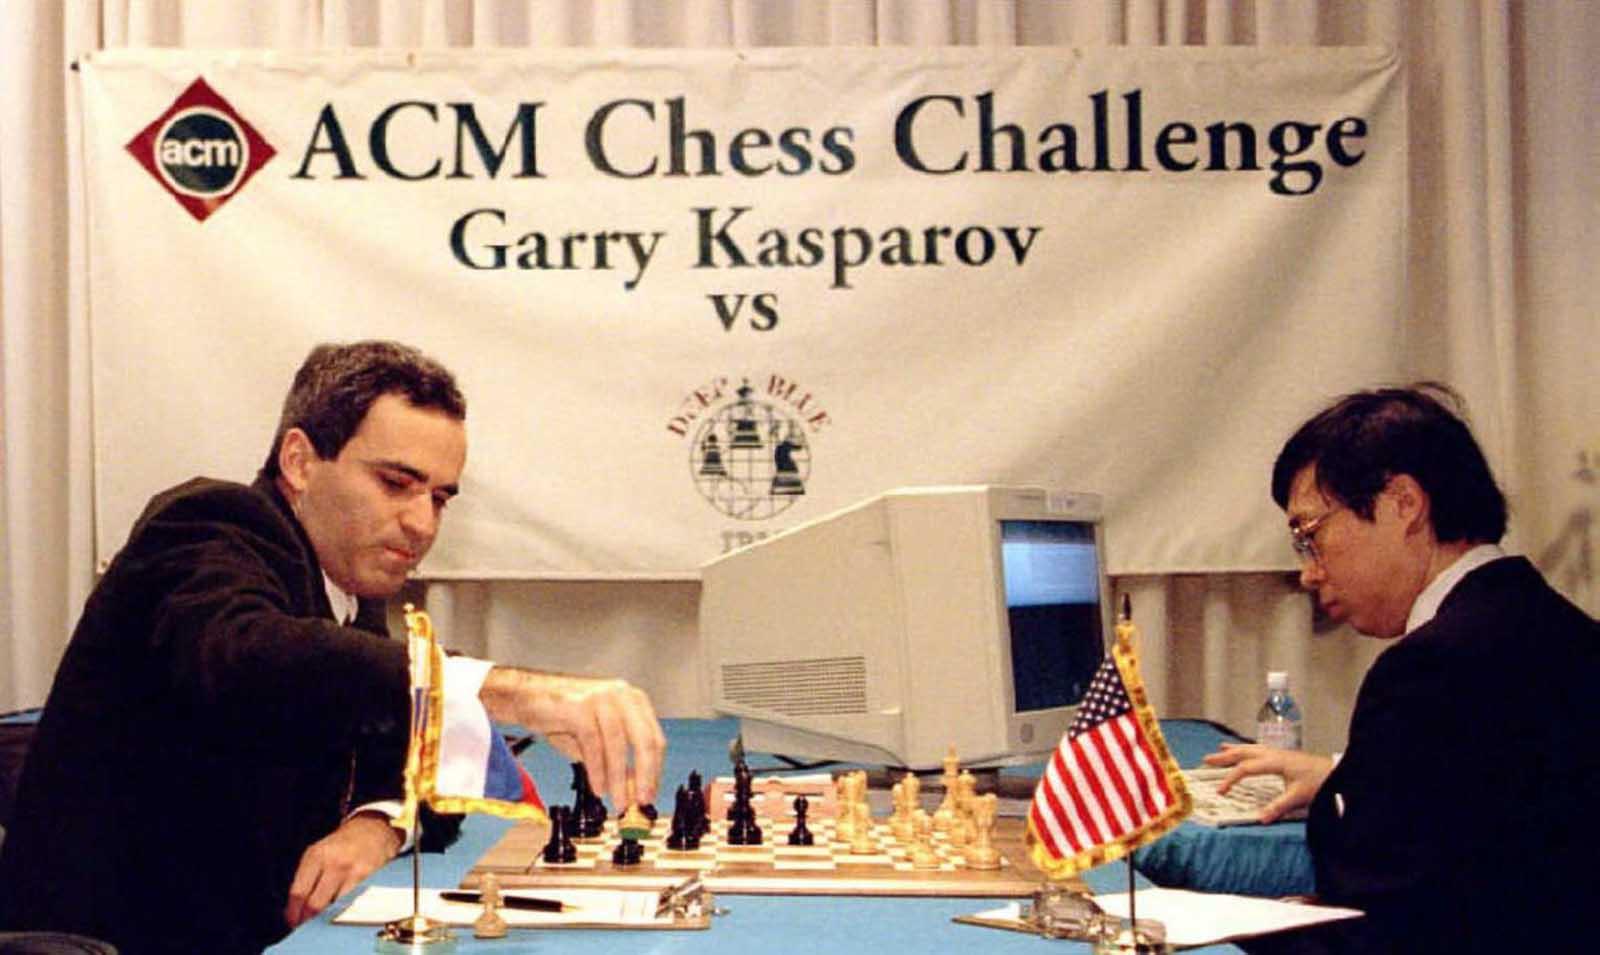 Garry Kasparov toma un peón en los movimientos de apertura de un partido de seis partidos contra Deep Blue, operado por el diseñador Feng-hsiung Hsu. 10 de febrero de 1996.